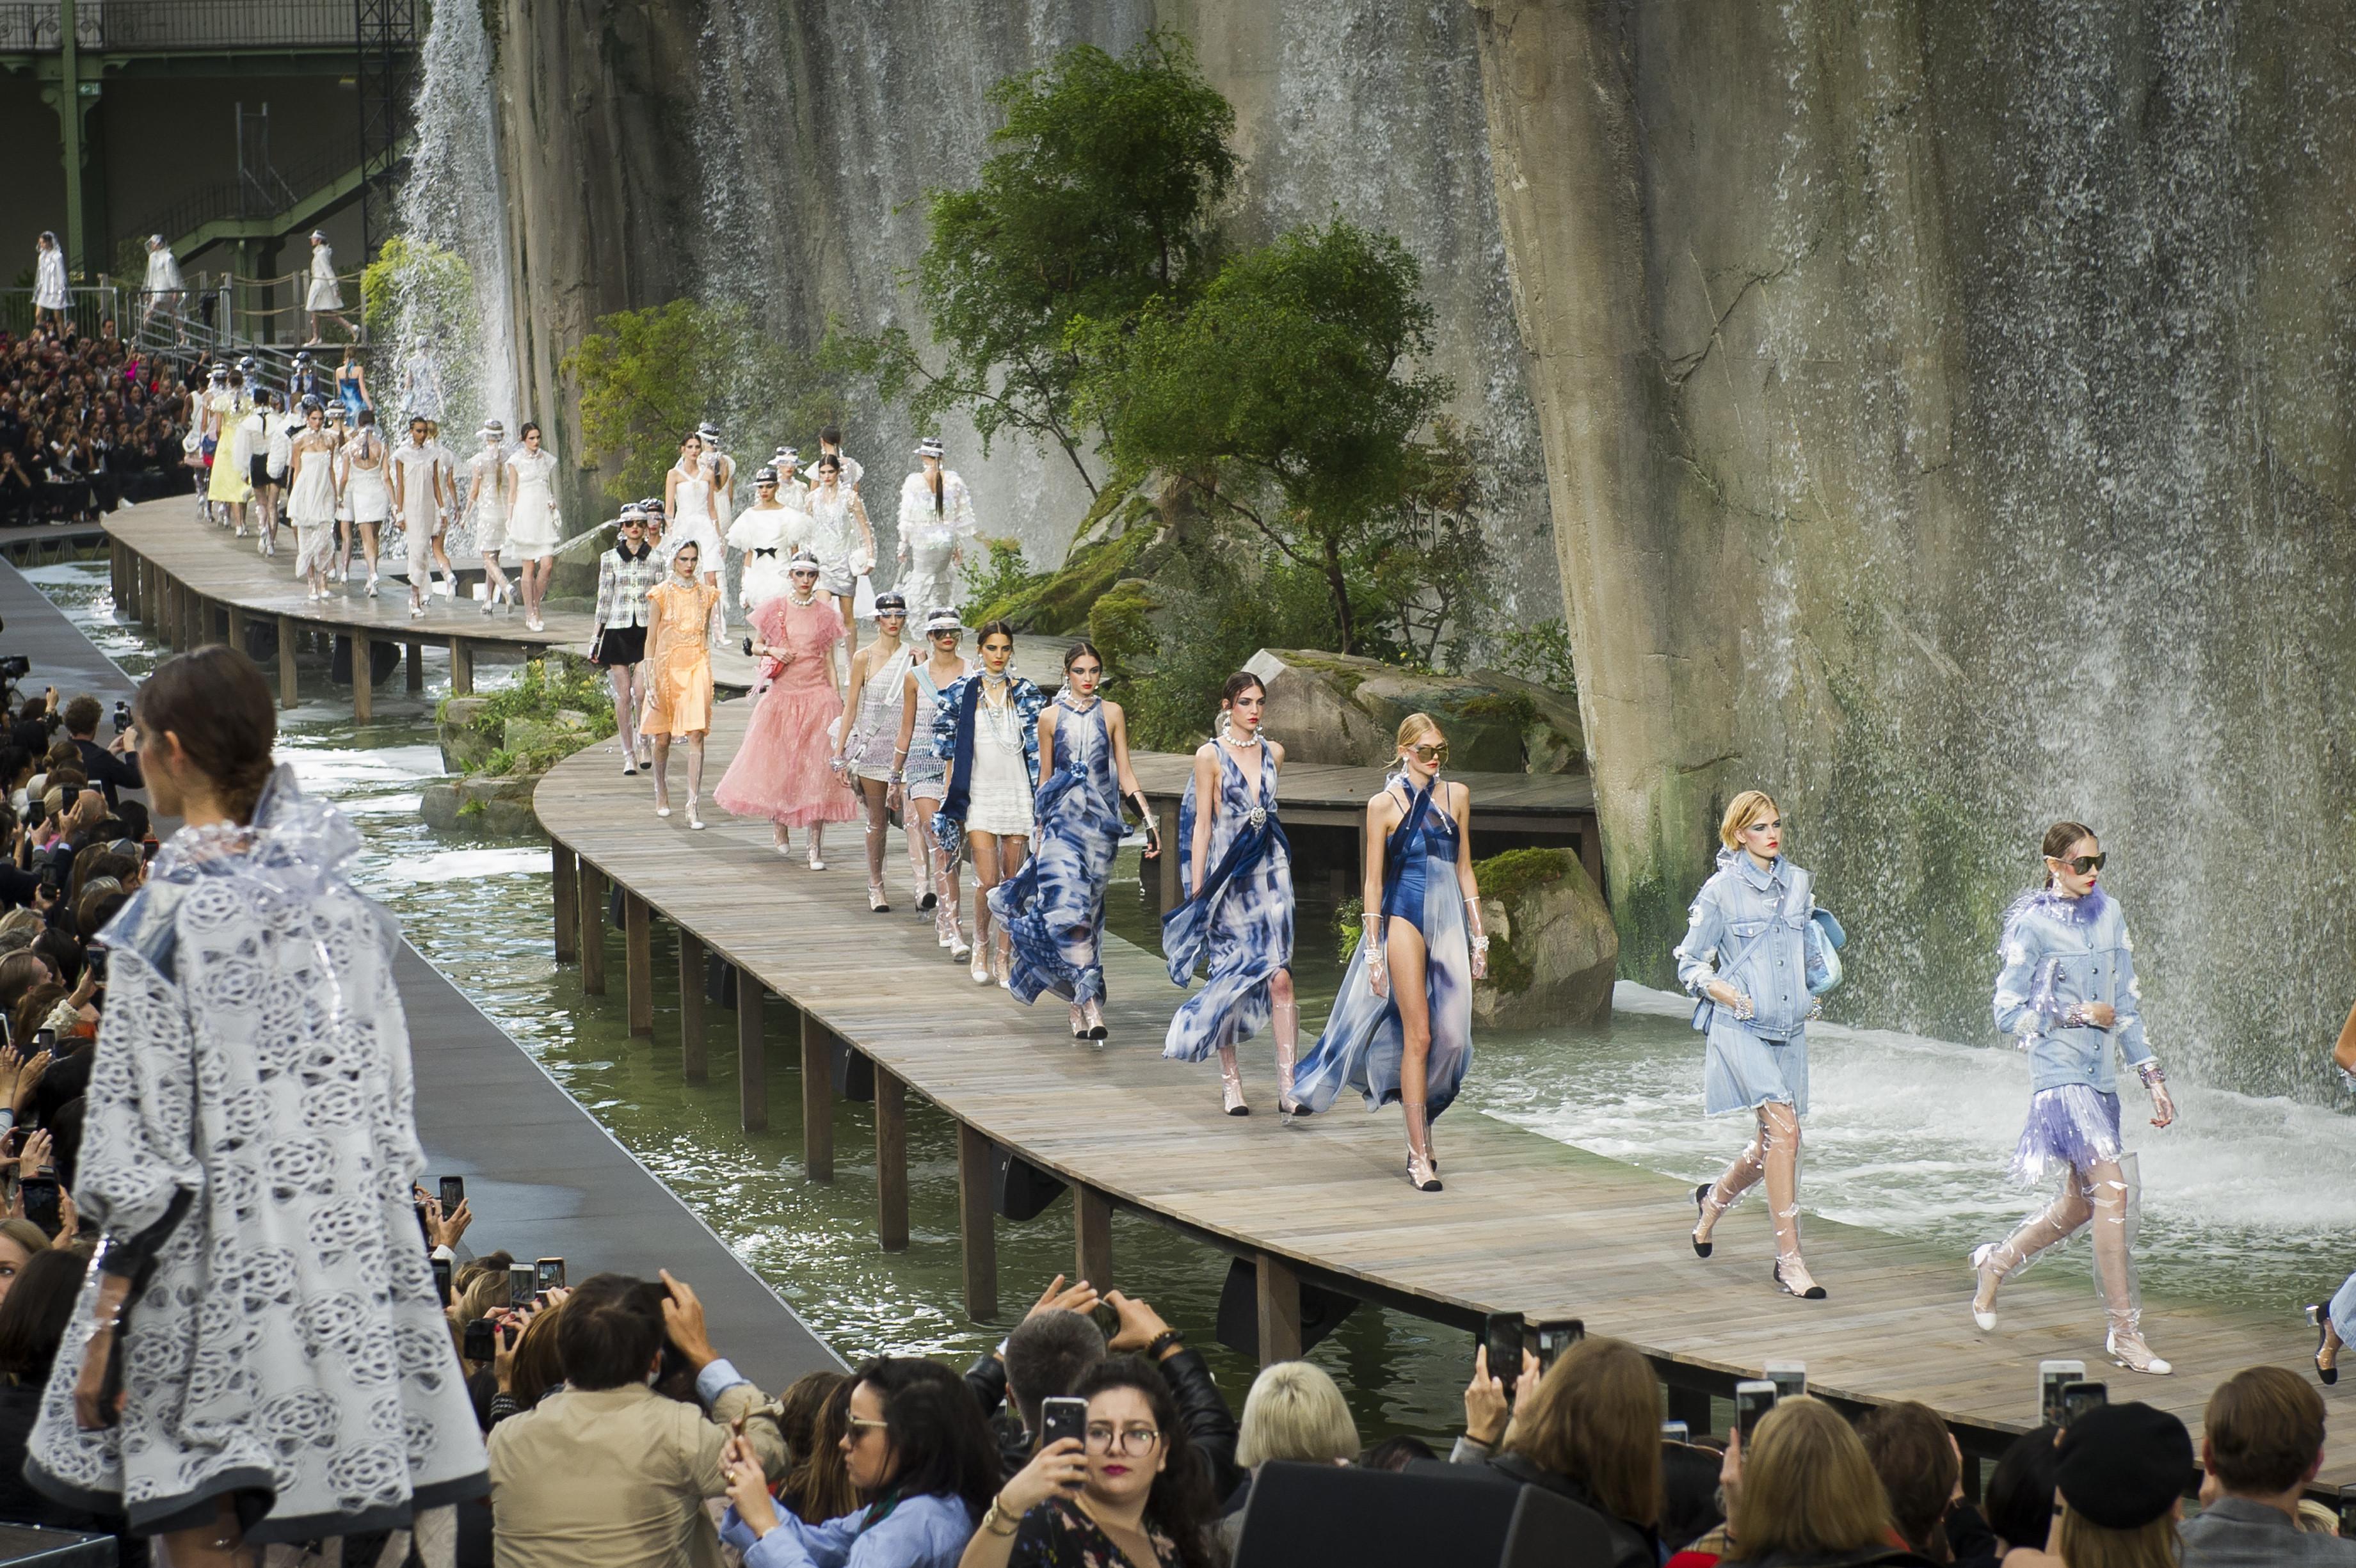 """7 Days Out – Se trata de un documental de siete episodios que sigue narra diversos eventos importantes en el mundo de los deportes, la moda y la gastronomía. En uno de ellos, titulado """"Chanel Haute Couture Fashion Show"""", el entonces director de arte de Chanel, Karl Lagerfeld, le mostró al mundo lo que pasó tras bastidores en el desfile de alta costura que presentó la casa de moda para la primavera-verano 2018. (WGSN)"""